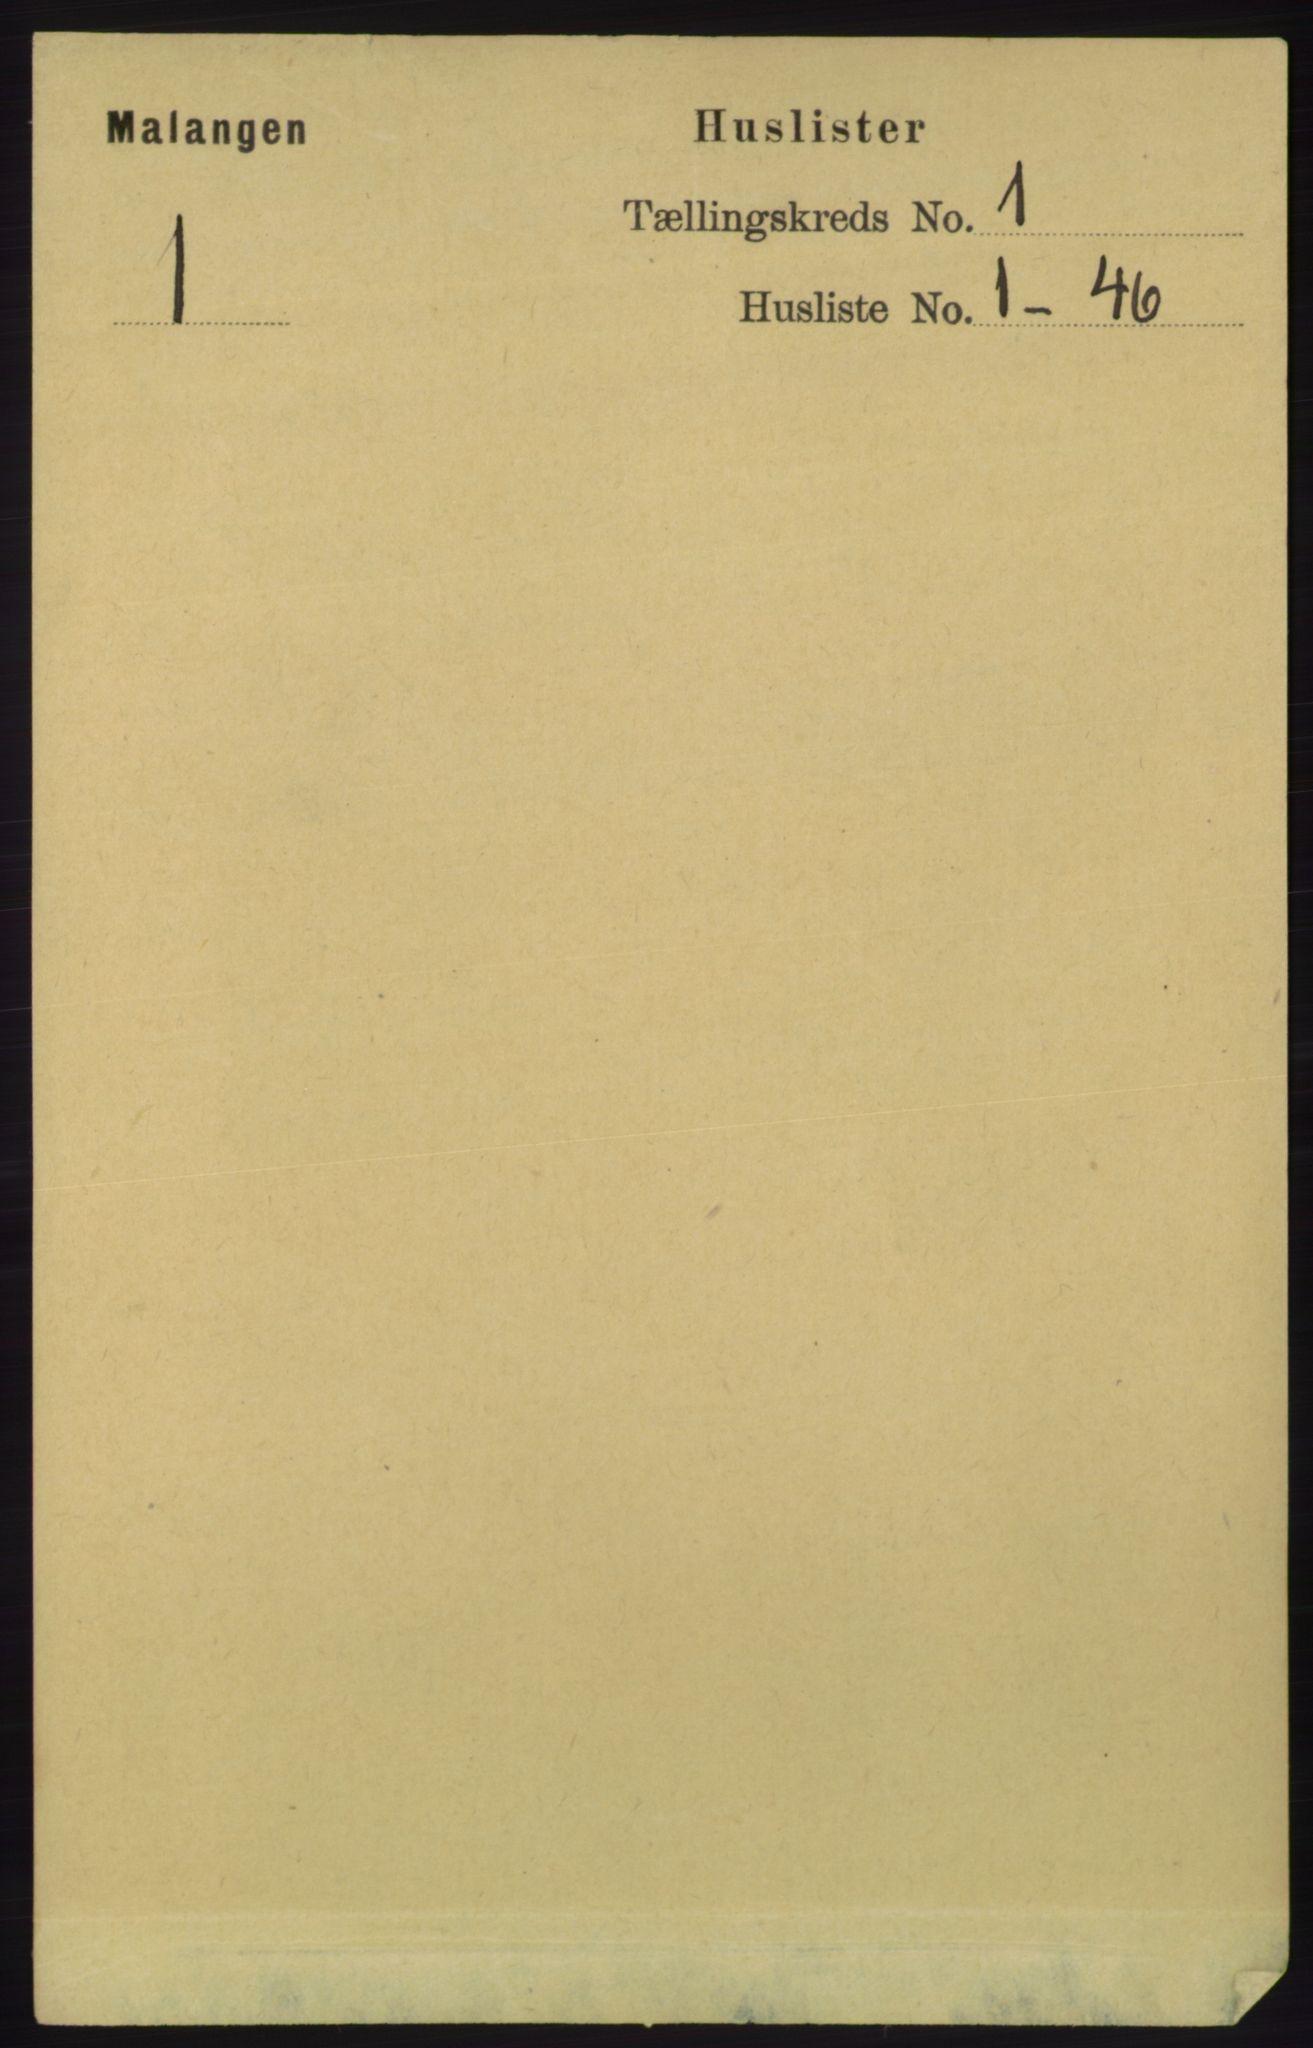 RA, Folketelling 1891 for 1932 Malangen herred, 1891, s. 15